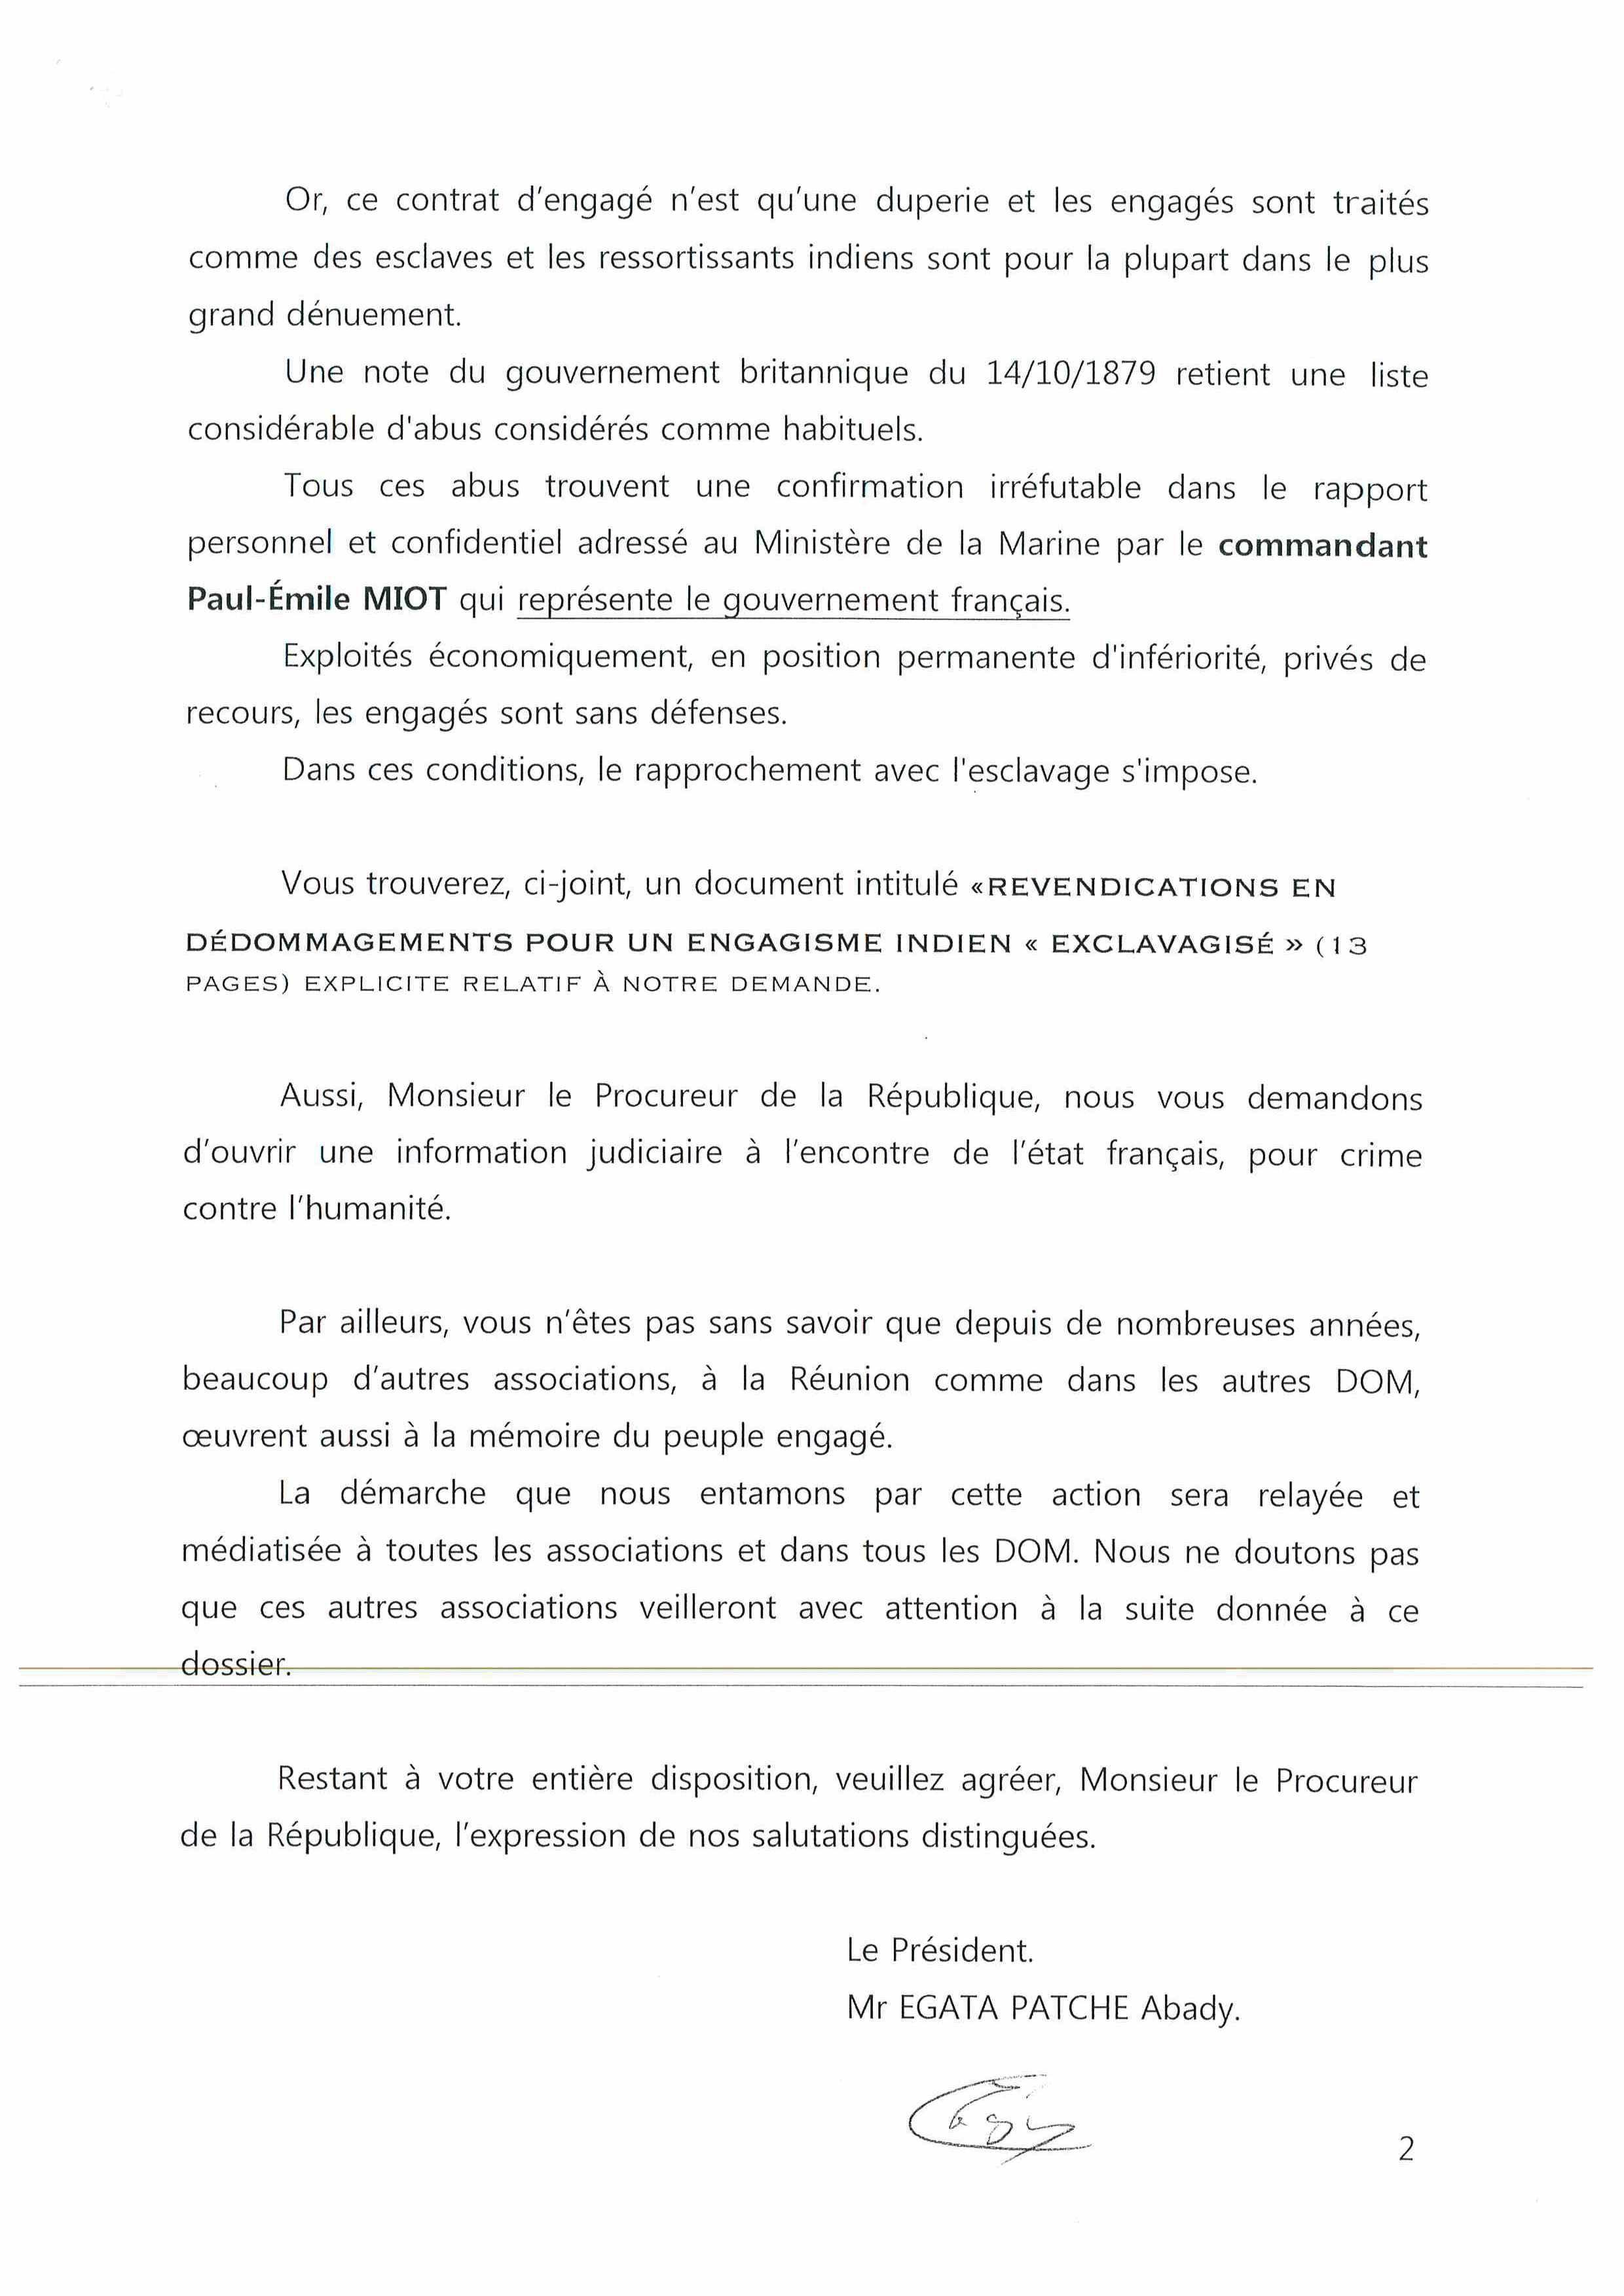 """Emission """"Frontline"""" du 24 janvier 2020 autour de """"La colère d'Abady"""" et sur l'engagisme"""